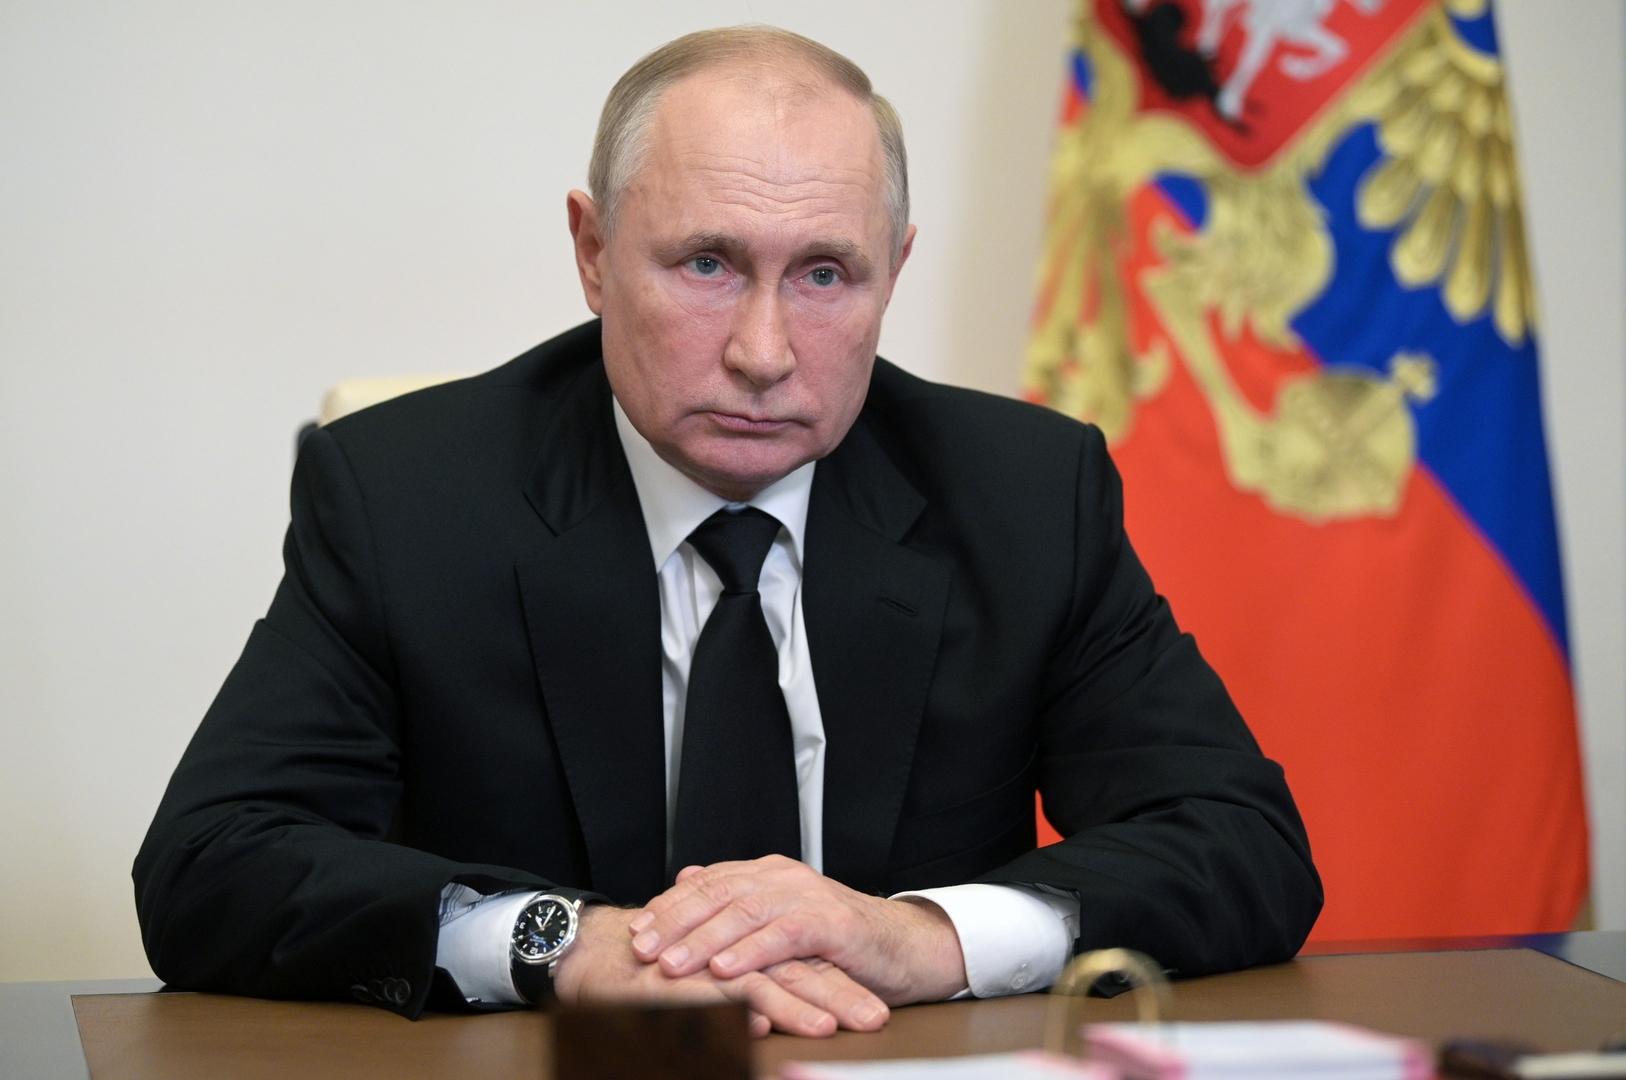 بوتين  يكرم ضابطي شرطة ساهما في تحييد المسلح الذي أطلق النار في جامعة بيرم